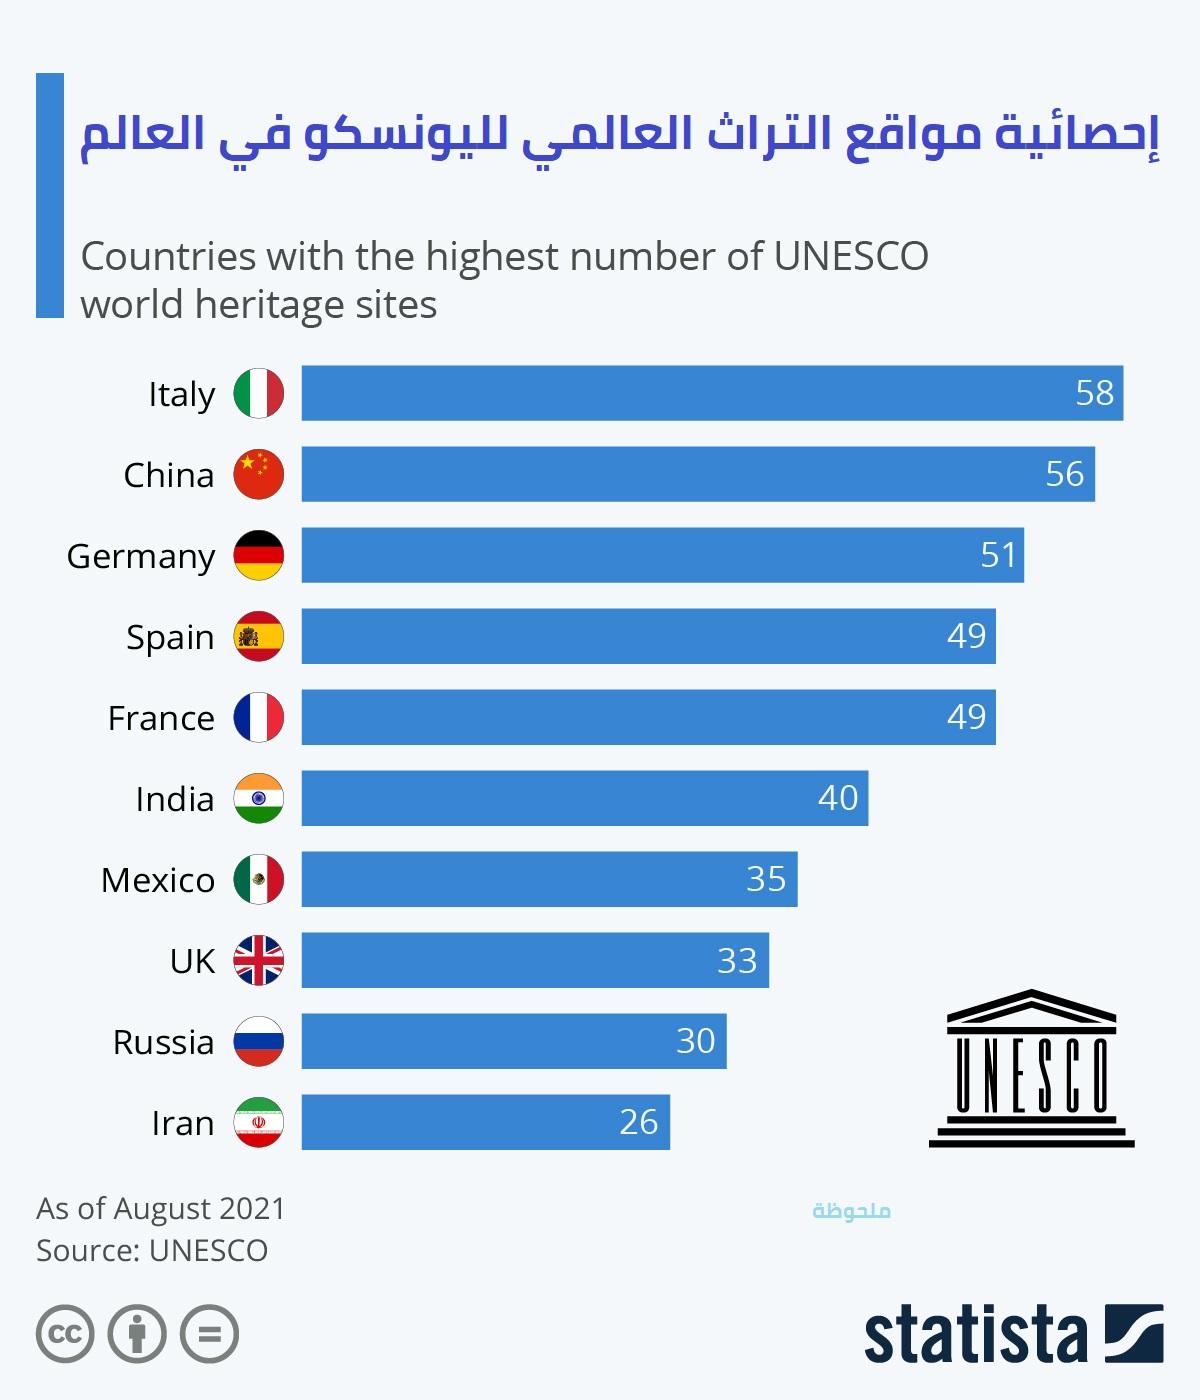 إحصائية مواقع التراث العالمي لليونسكو في العالم